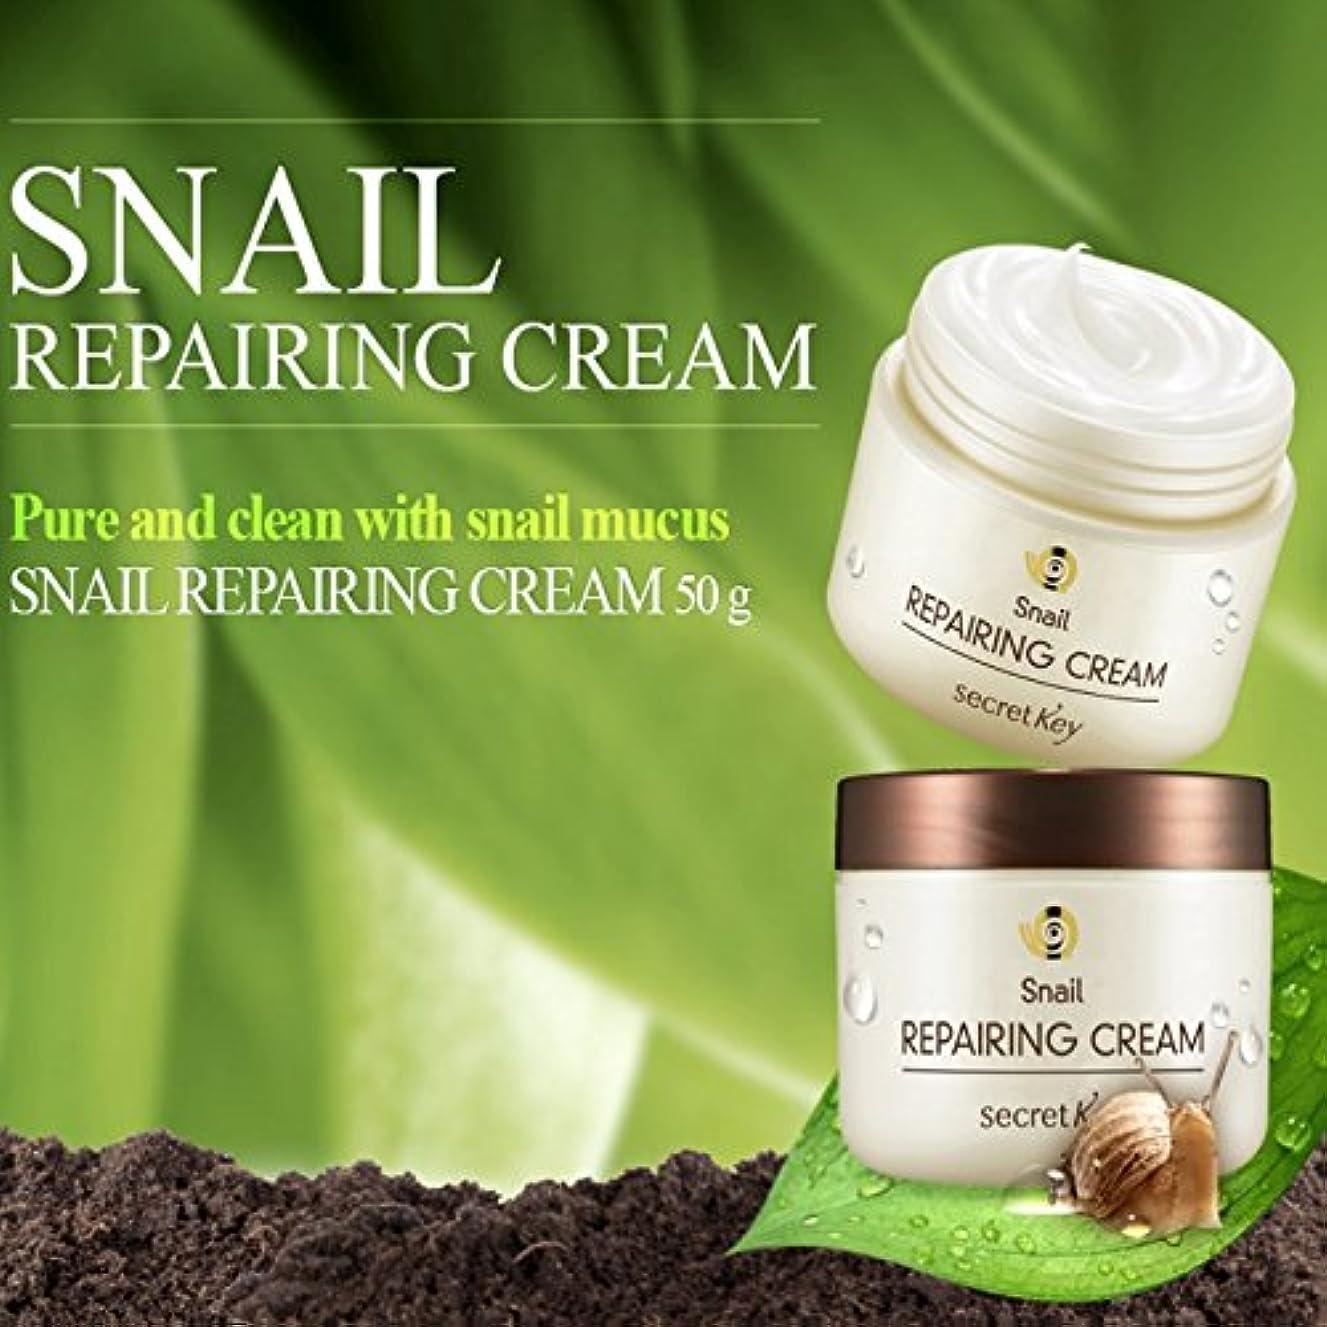 魔女感情直径Secret Key Snail Repairing Cream Renewal 50g /シークレットキー スネイル リペアリング /100% Authentic direct from Korea/w 2 Gift...